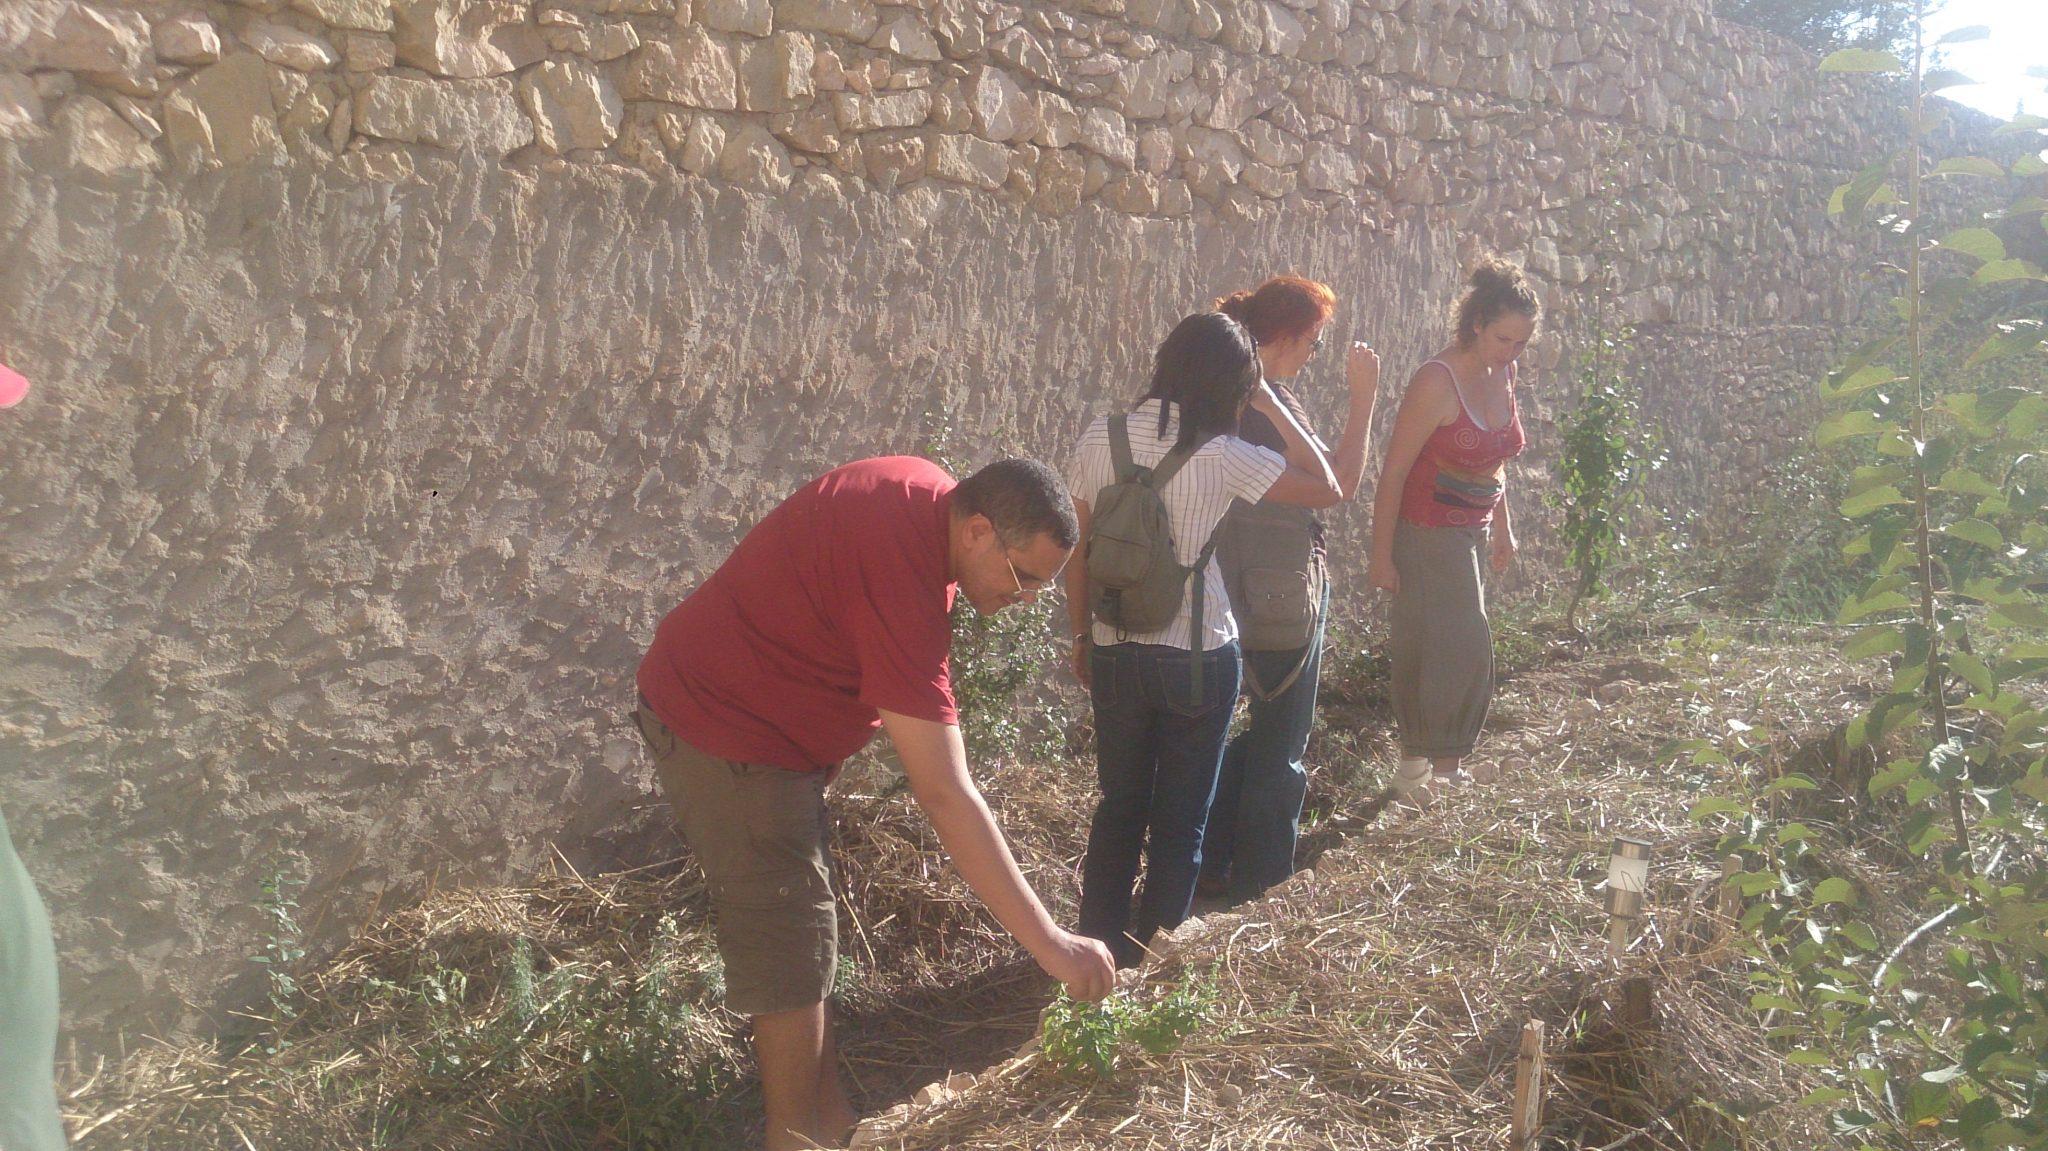 Activité pratique au jardin stage de permaculture Tunisie